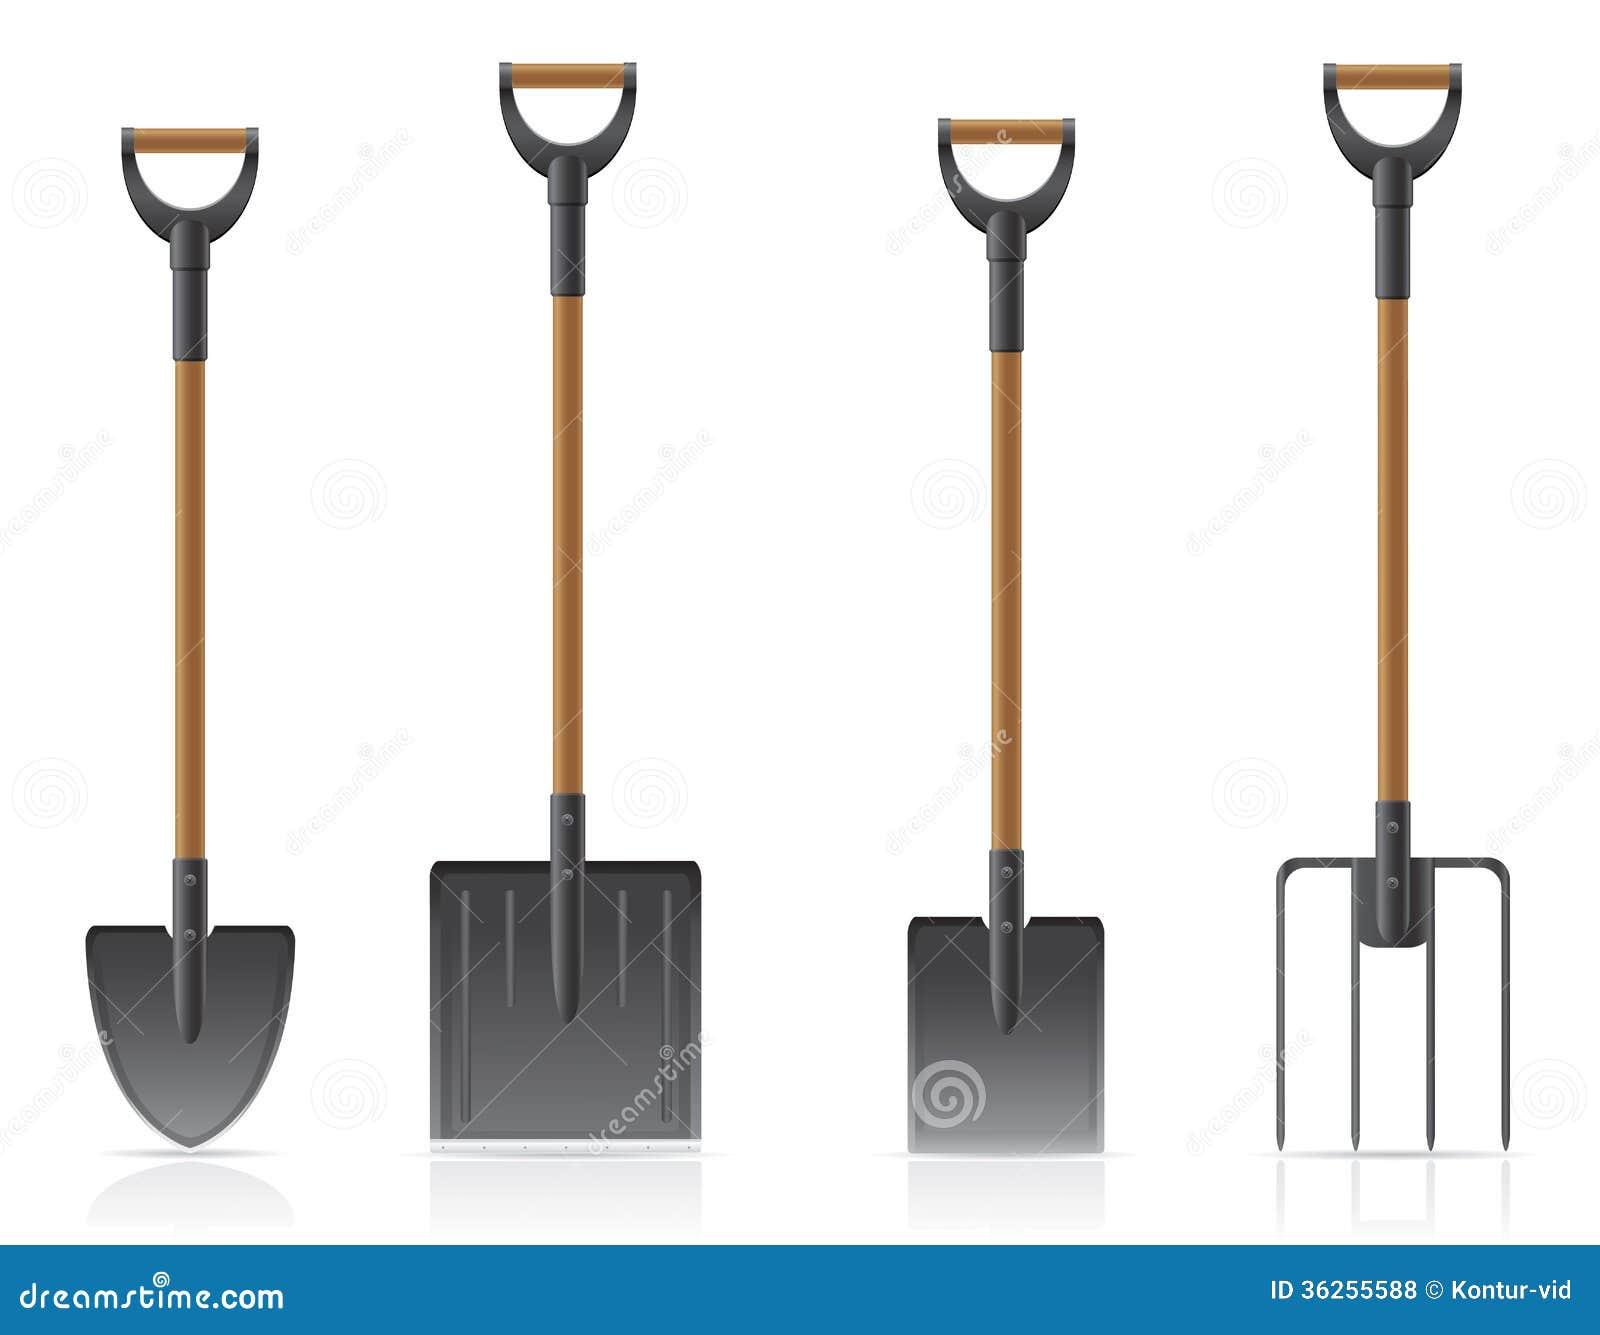 Illustrati del vector de la pala y del bieldo del for Pala de jardineria